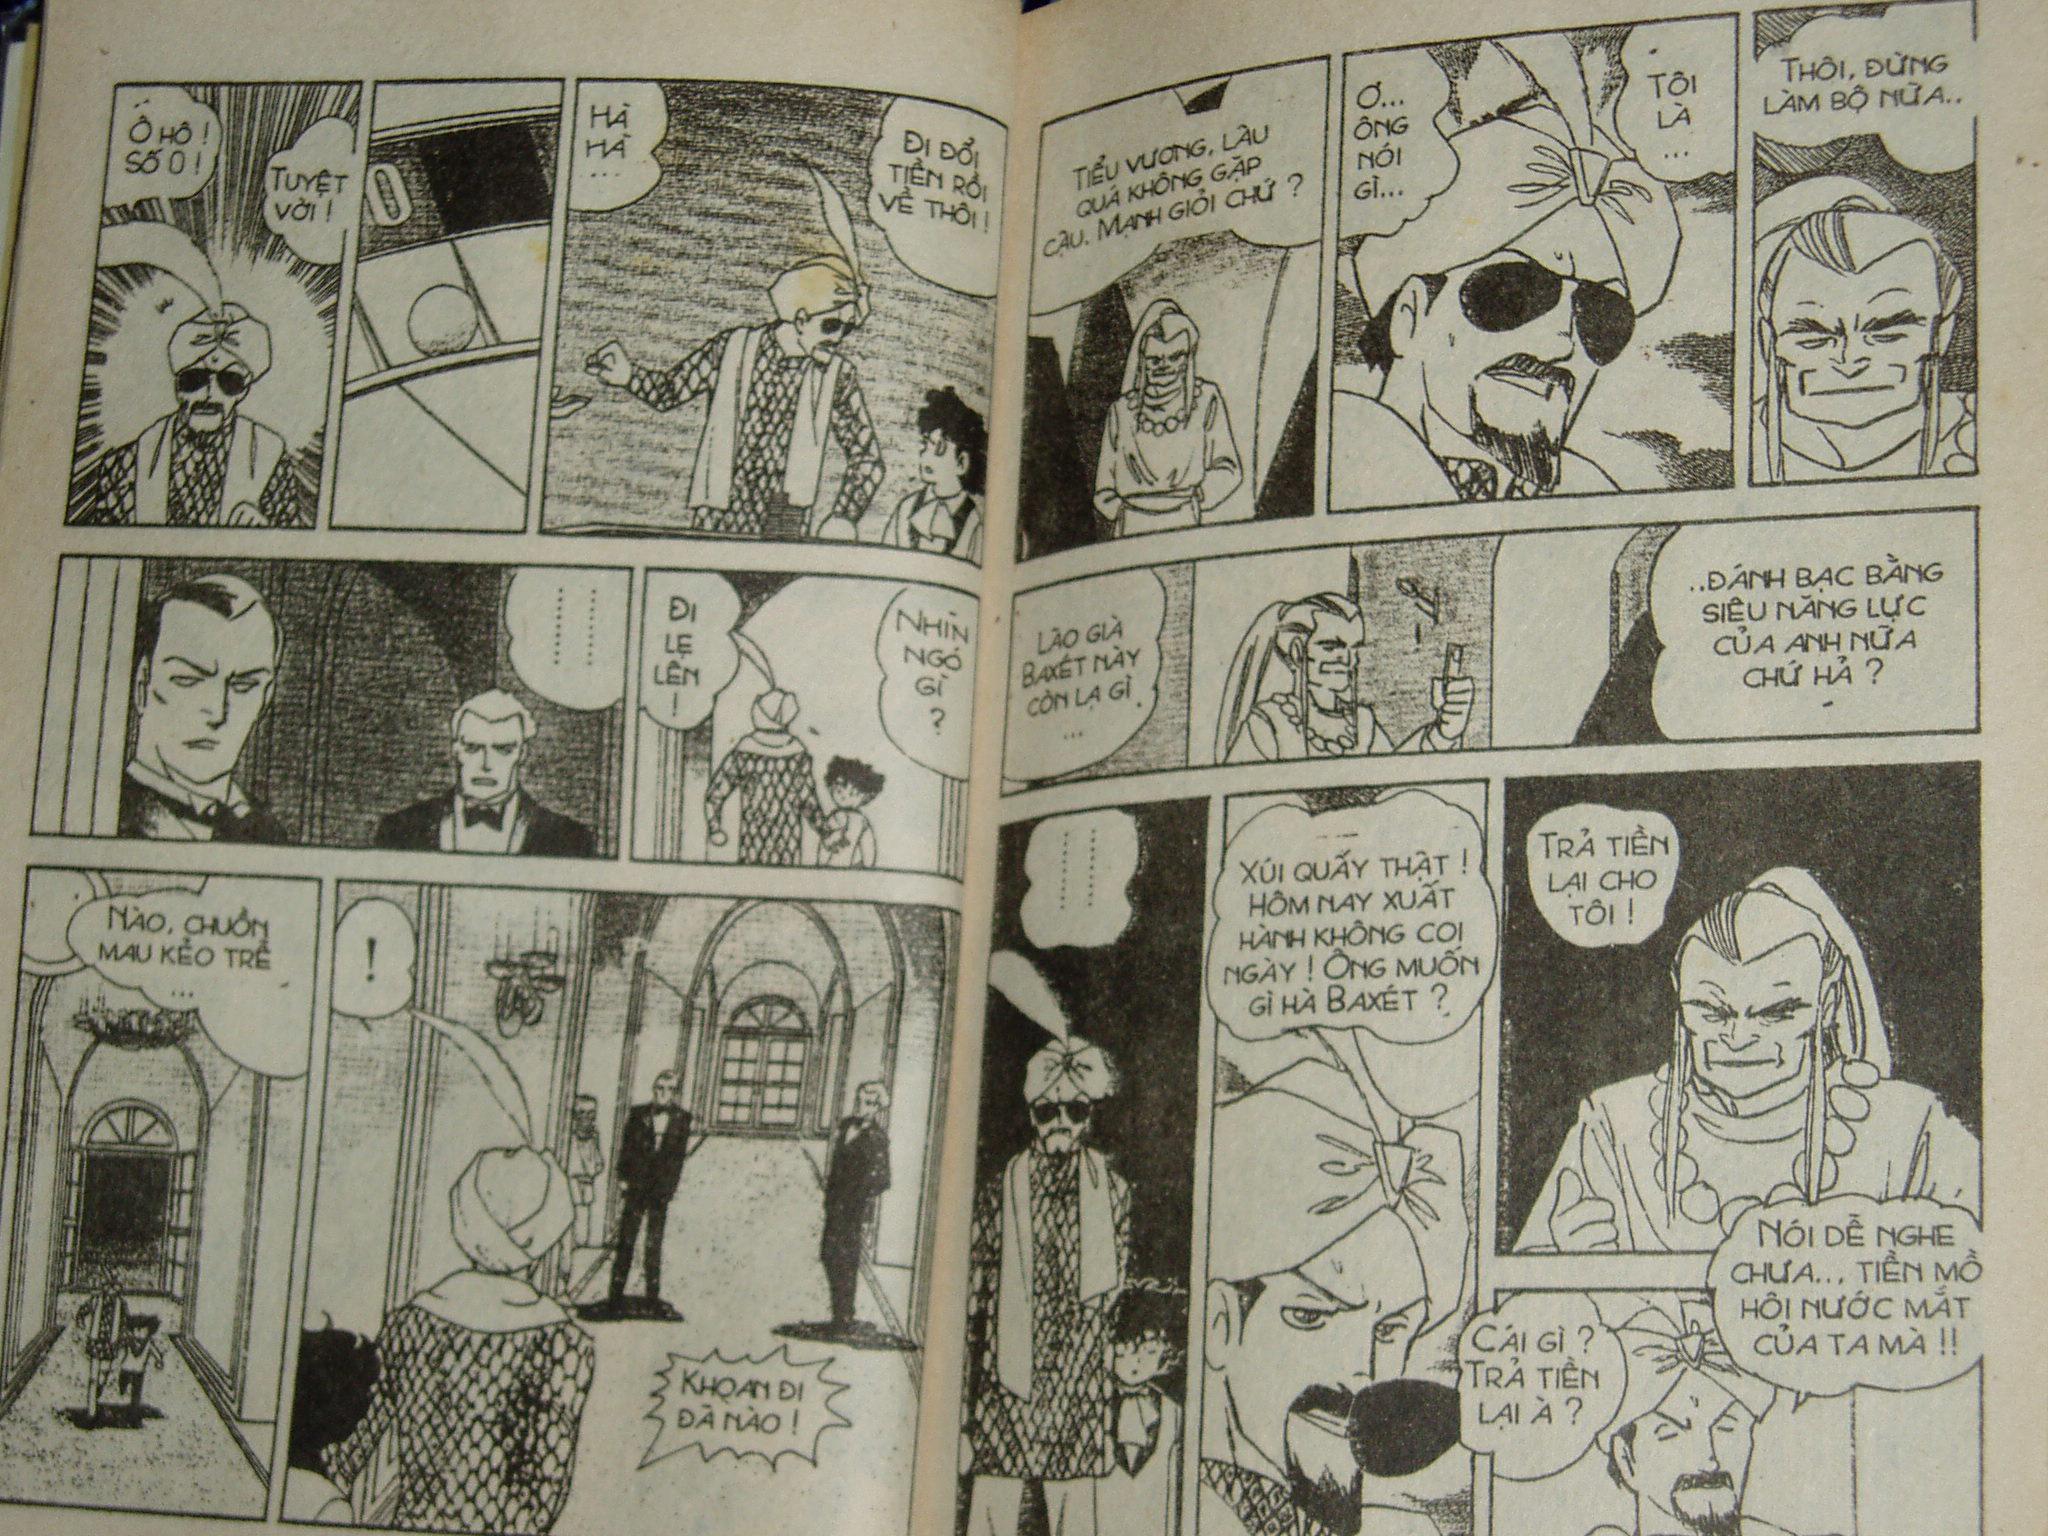 Siêu nhân Locke vol 14 trang 26